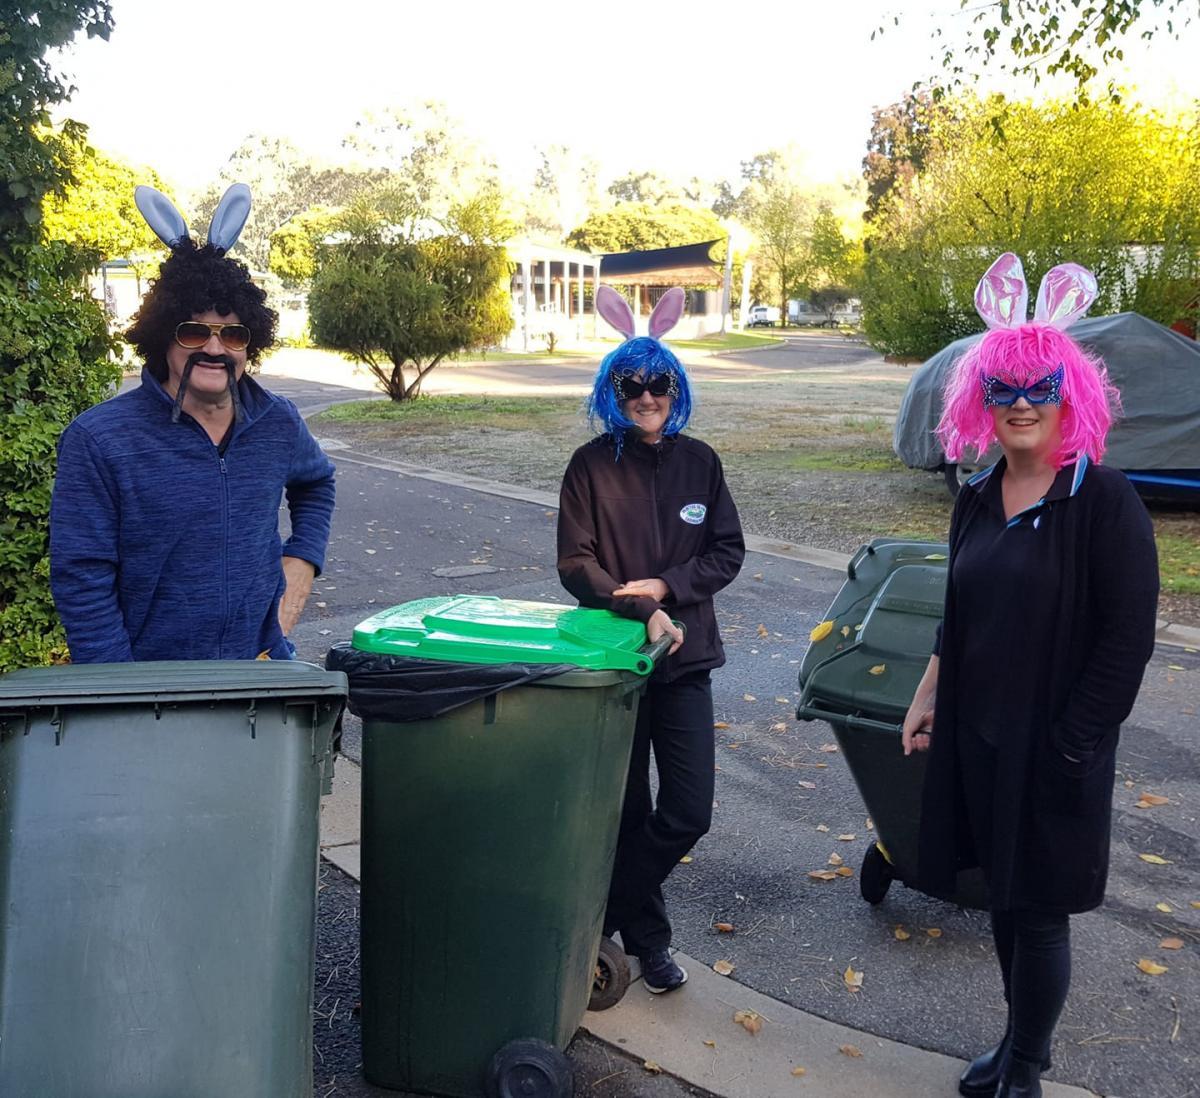 Австралийцы выносят мусор в экстравагантном наряде / Facebook.com